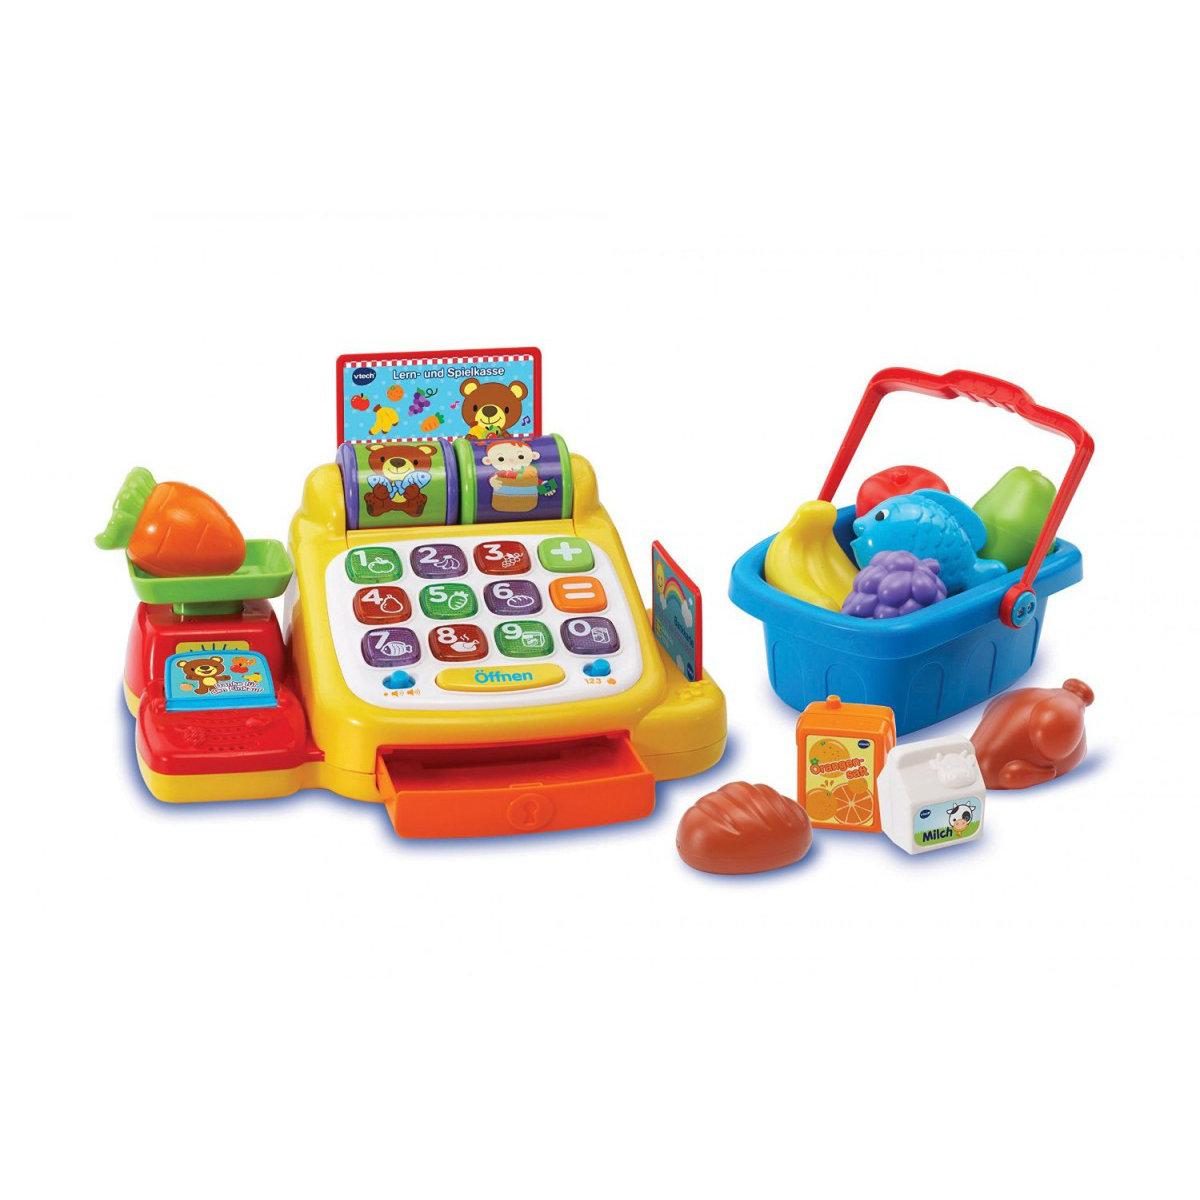 VTECH 80-191394 - Baby - Lern- und Spielkasse